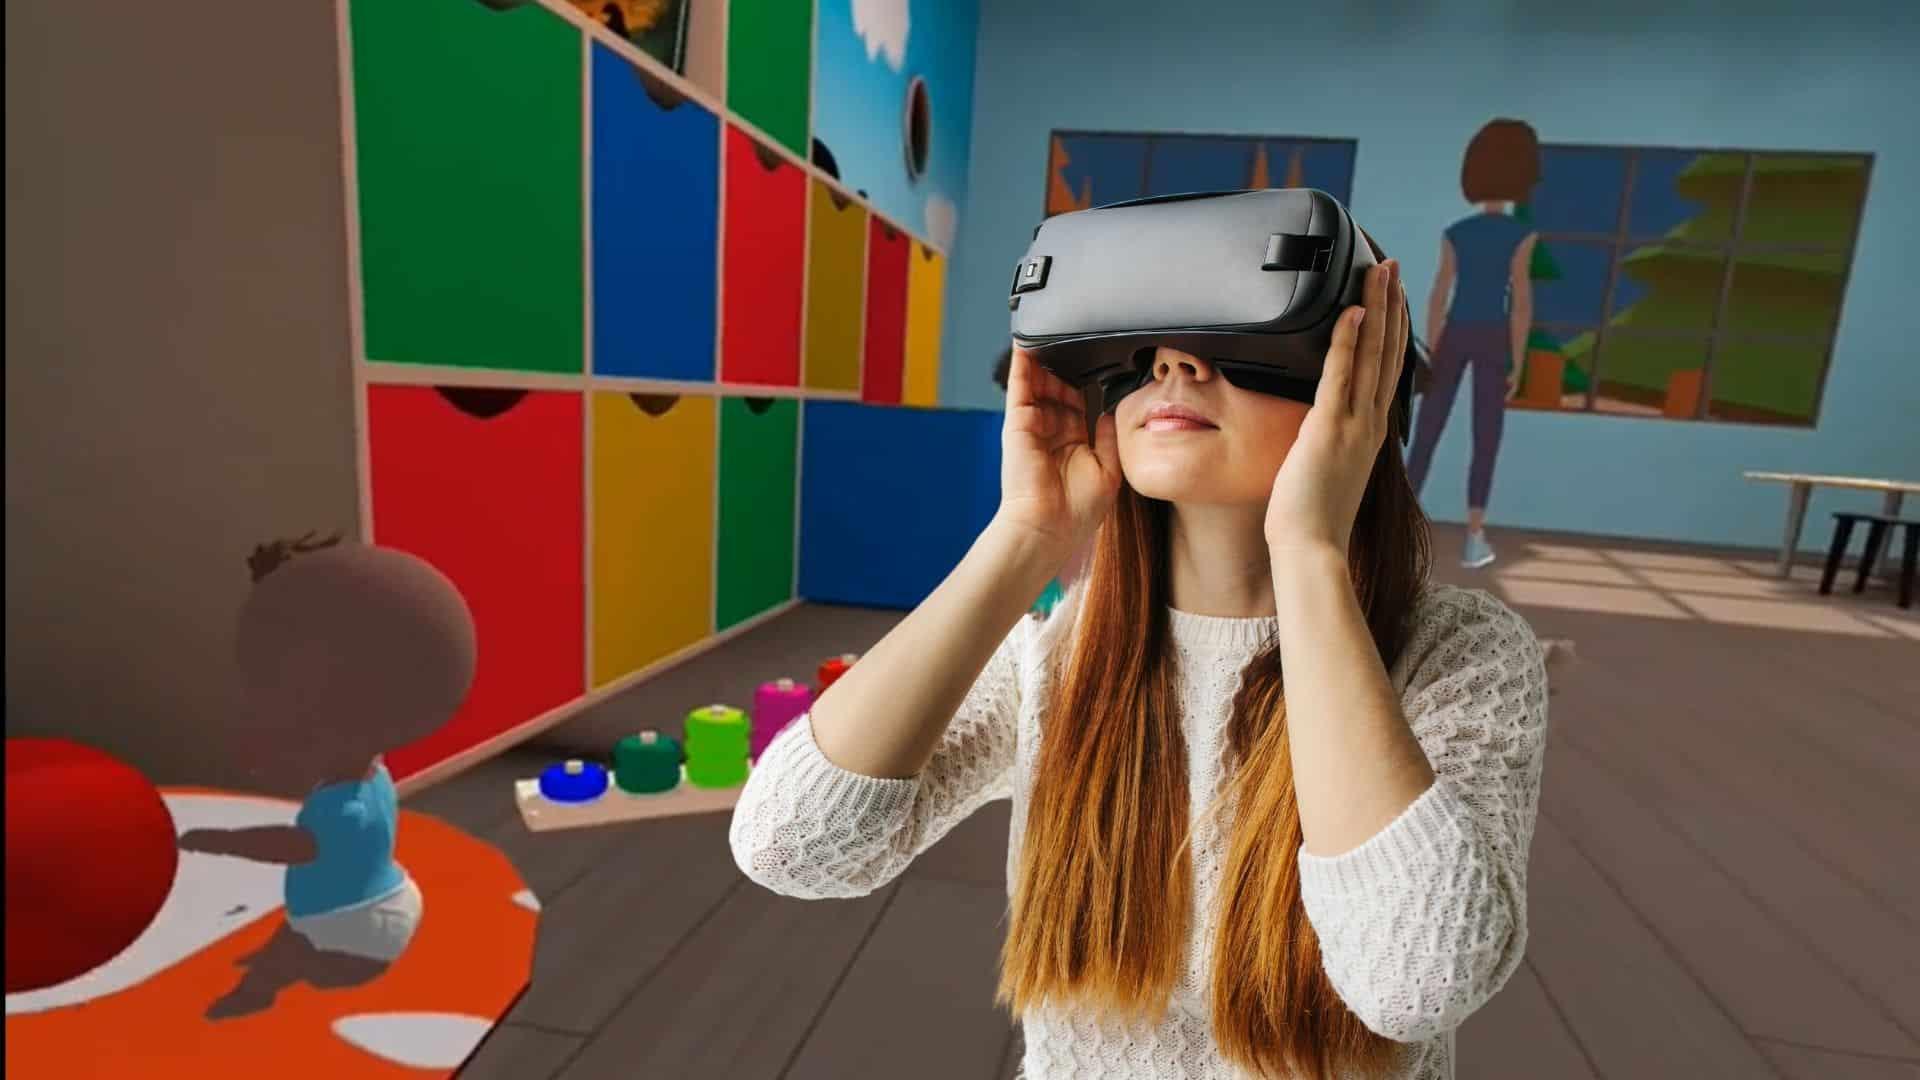 Réalité virtuelle crèche